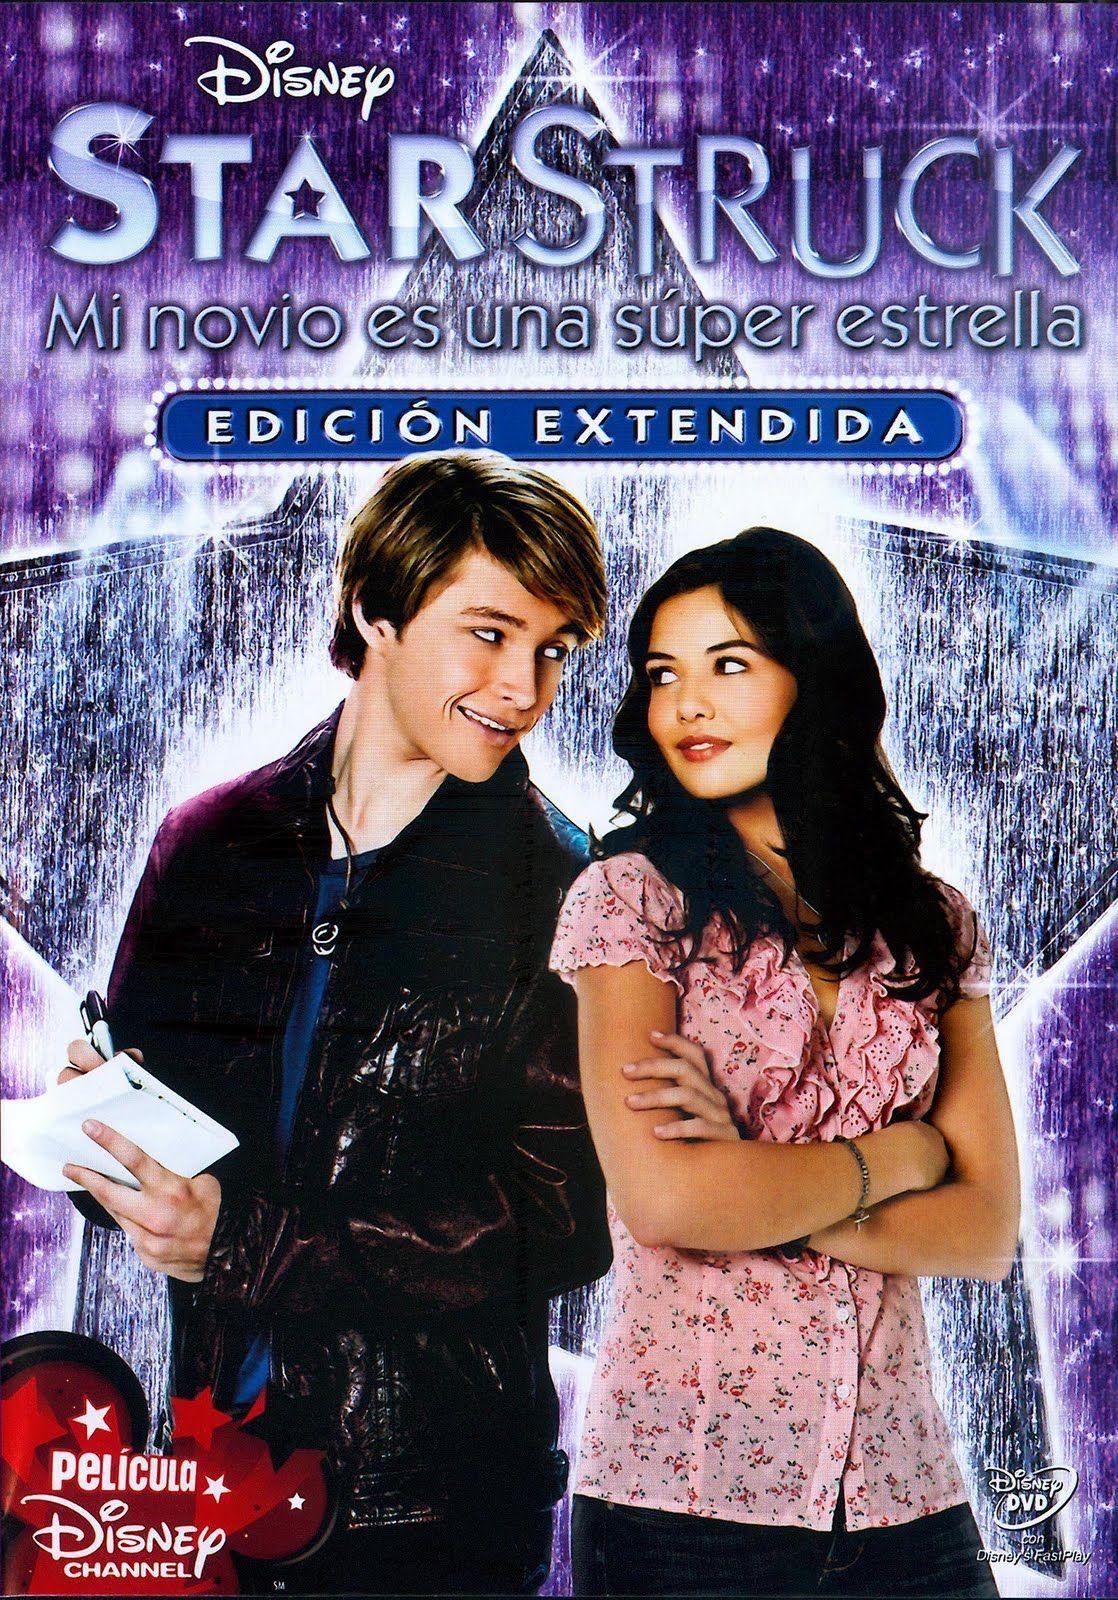 Starstruck Es Una Pelicula Juvenil Estadounidense Protagonizada Por Sterling Peliculas Juveniles Romanticas Pelicula Disney Channel Peliculas Viejas De Disney